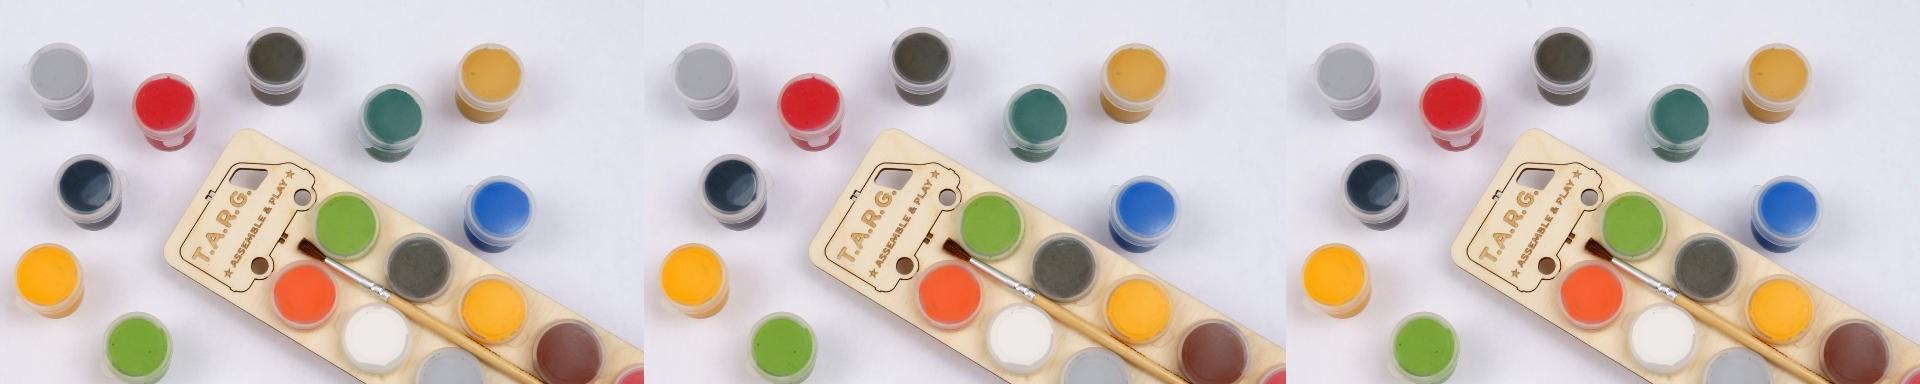 Набор акриловых красок 12 x 4 мл - фото 5088